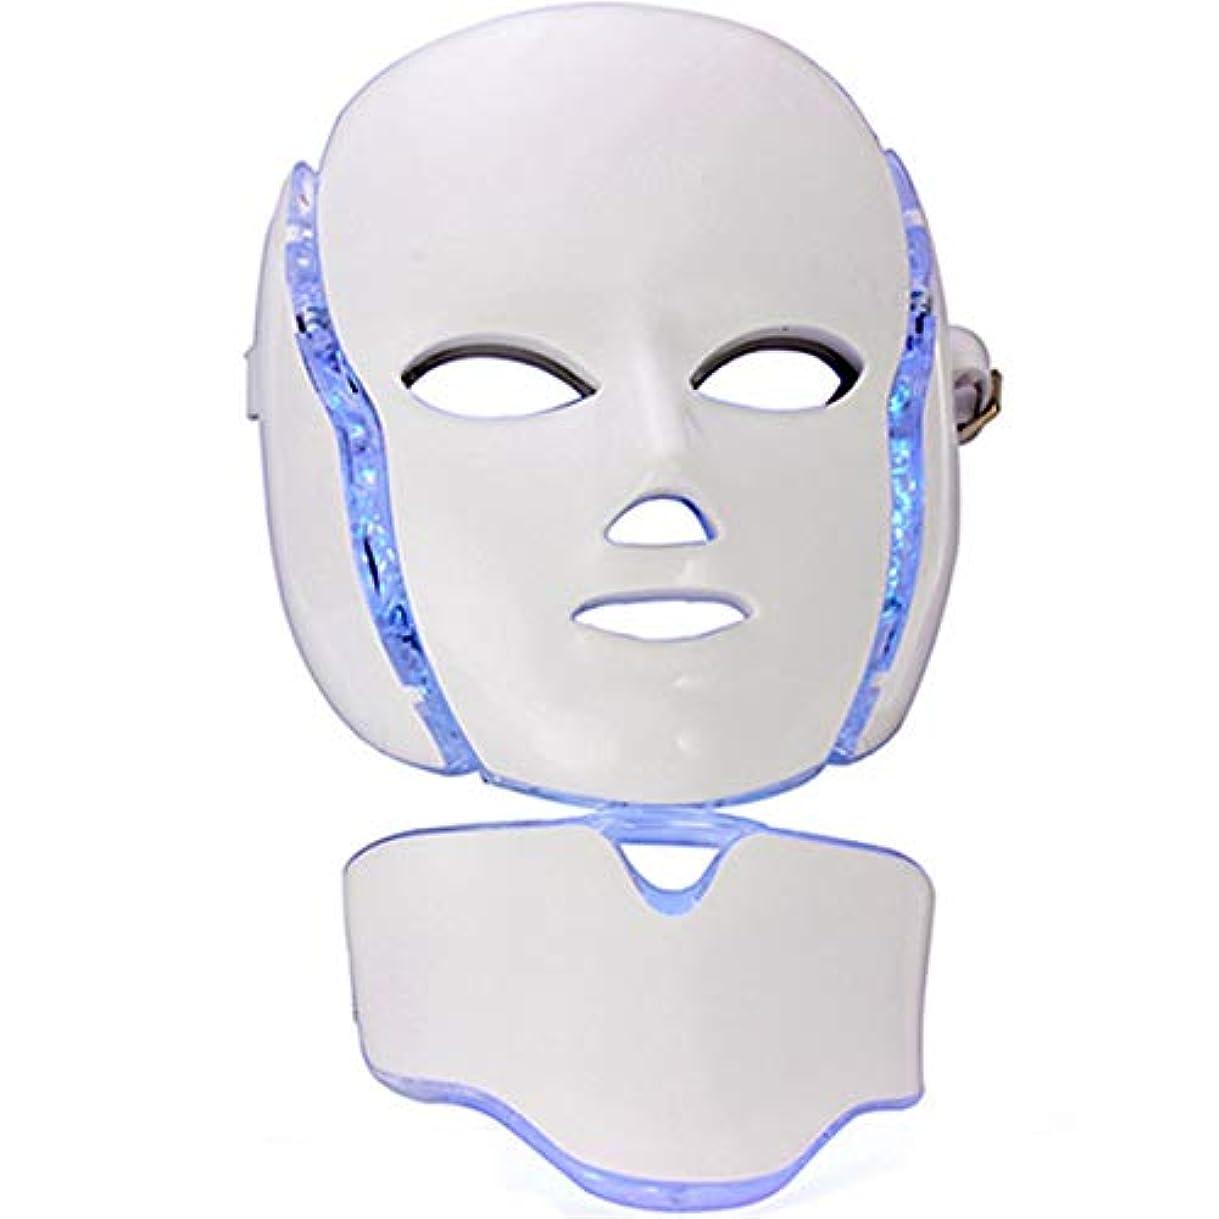 傑作ポータル共産主義者光エステ LED美顔器 7色 美顔マスク 首ユニット付き たるみ ほうれい線 美肌 ニキビ対策 コラーゲン生成 美白 エイジングケア